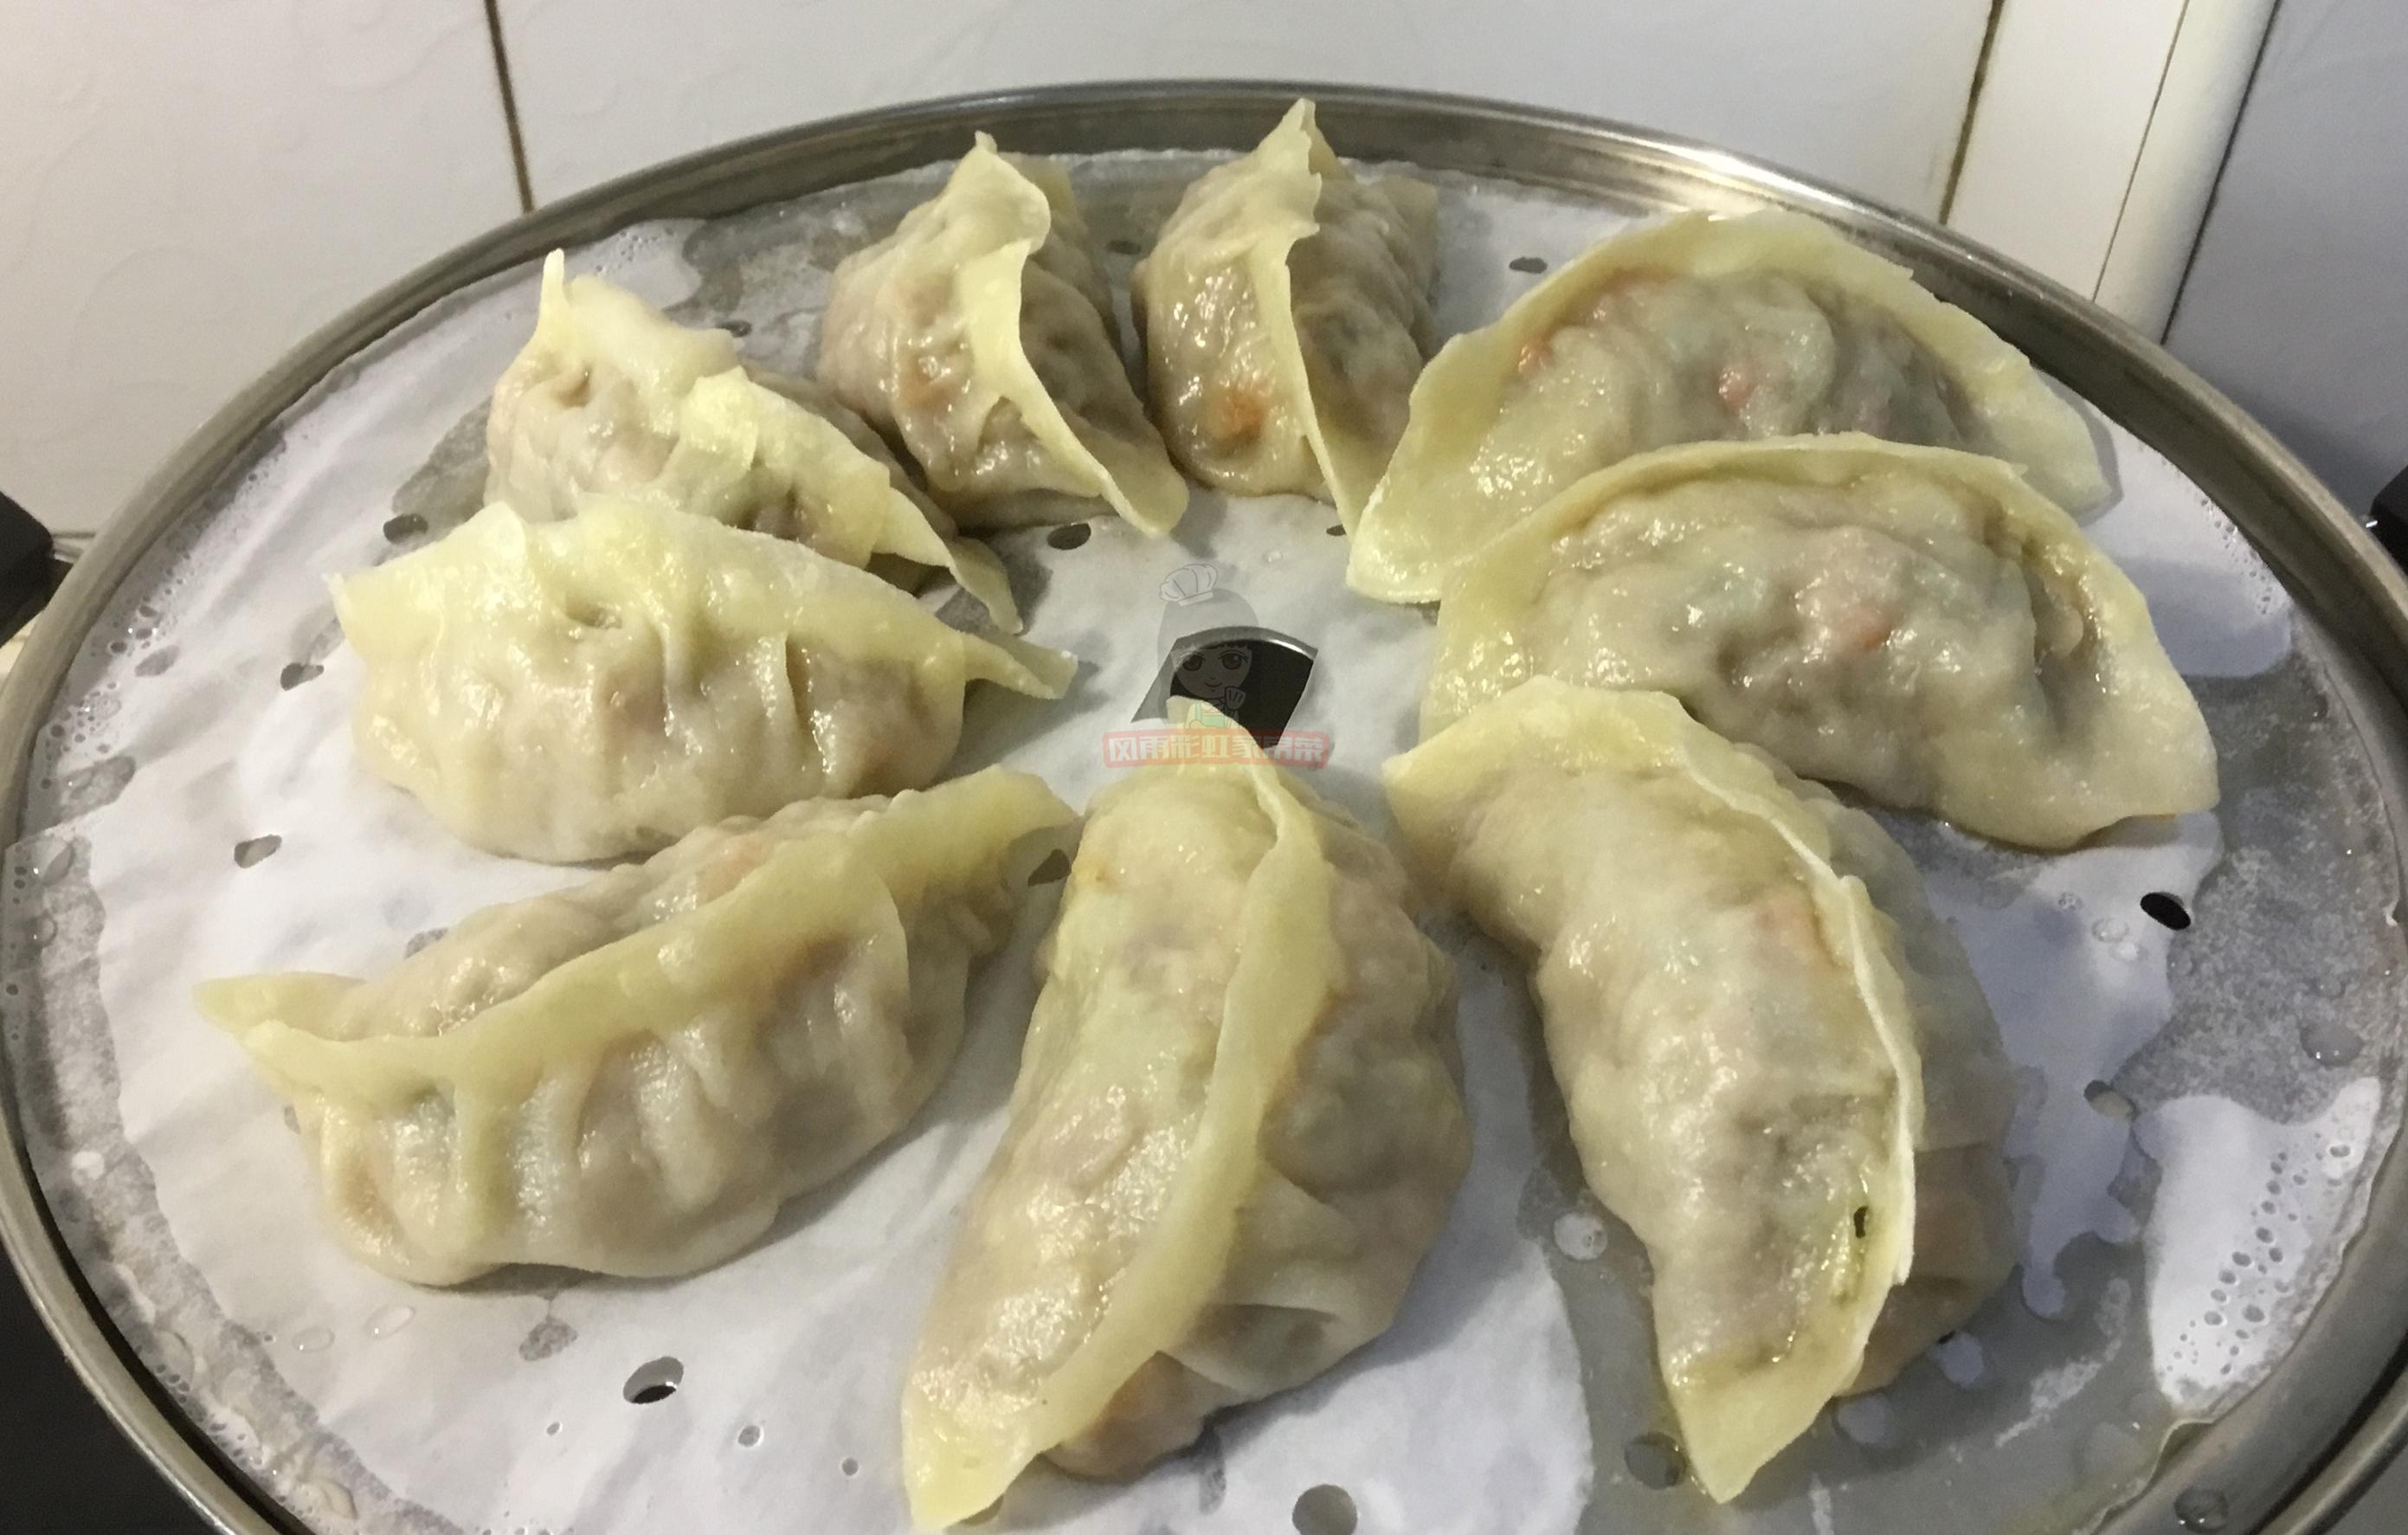 牛肉馅蒸饺,调馅是关键,做对了肉嫩多汁,味道鲜美 美食做法 第7张